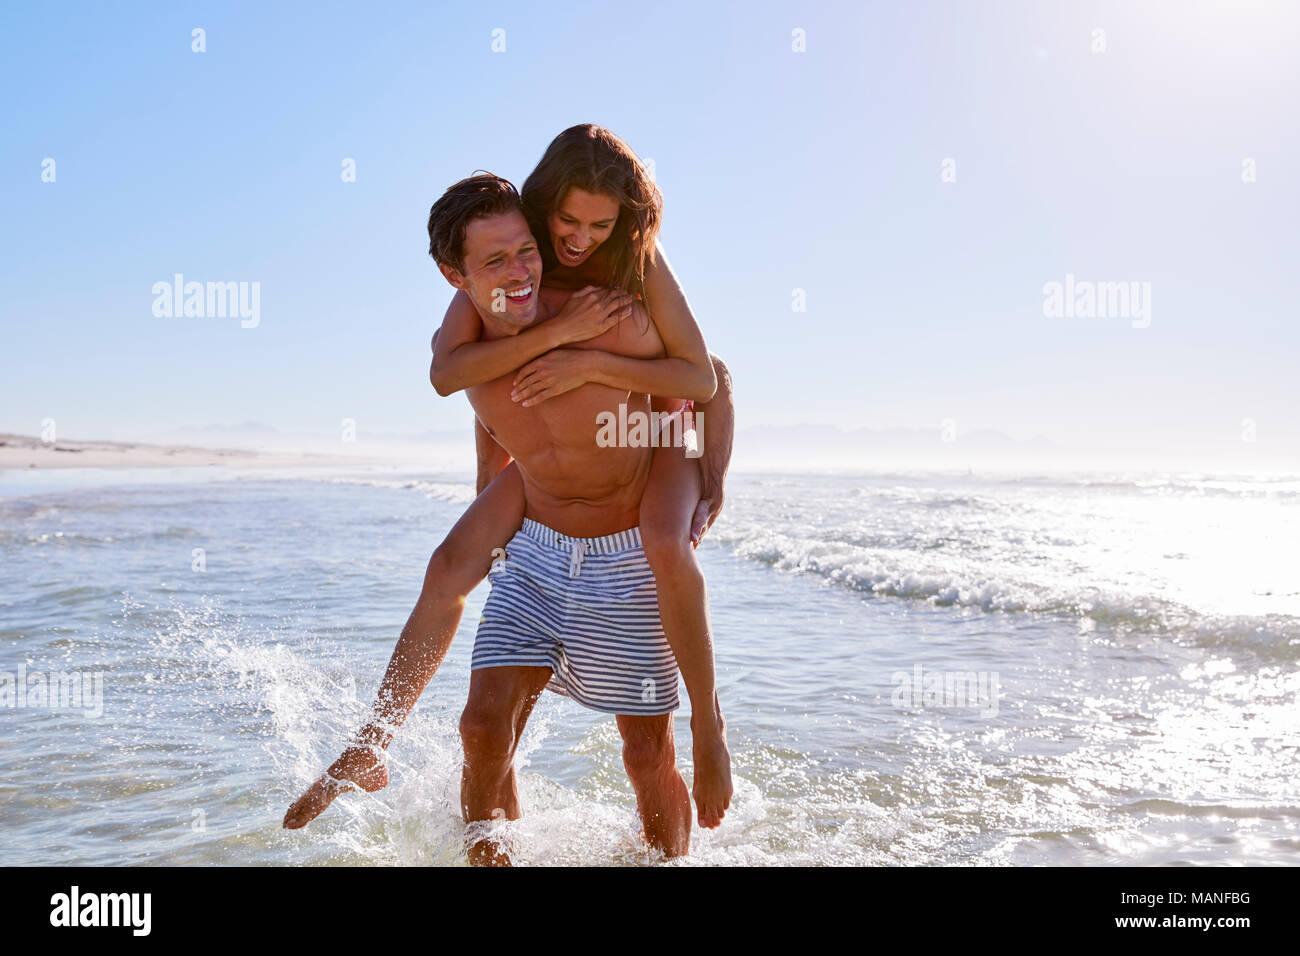 Uomo Donna dando piggyback sulla spiaggia Estate VACANZA Immagini Stock